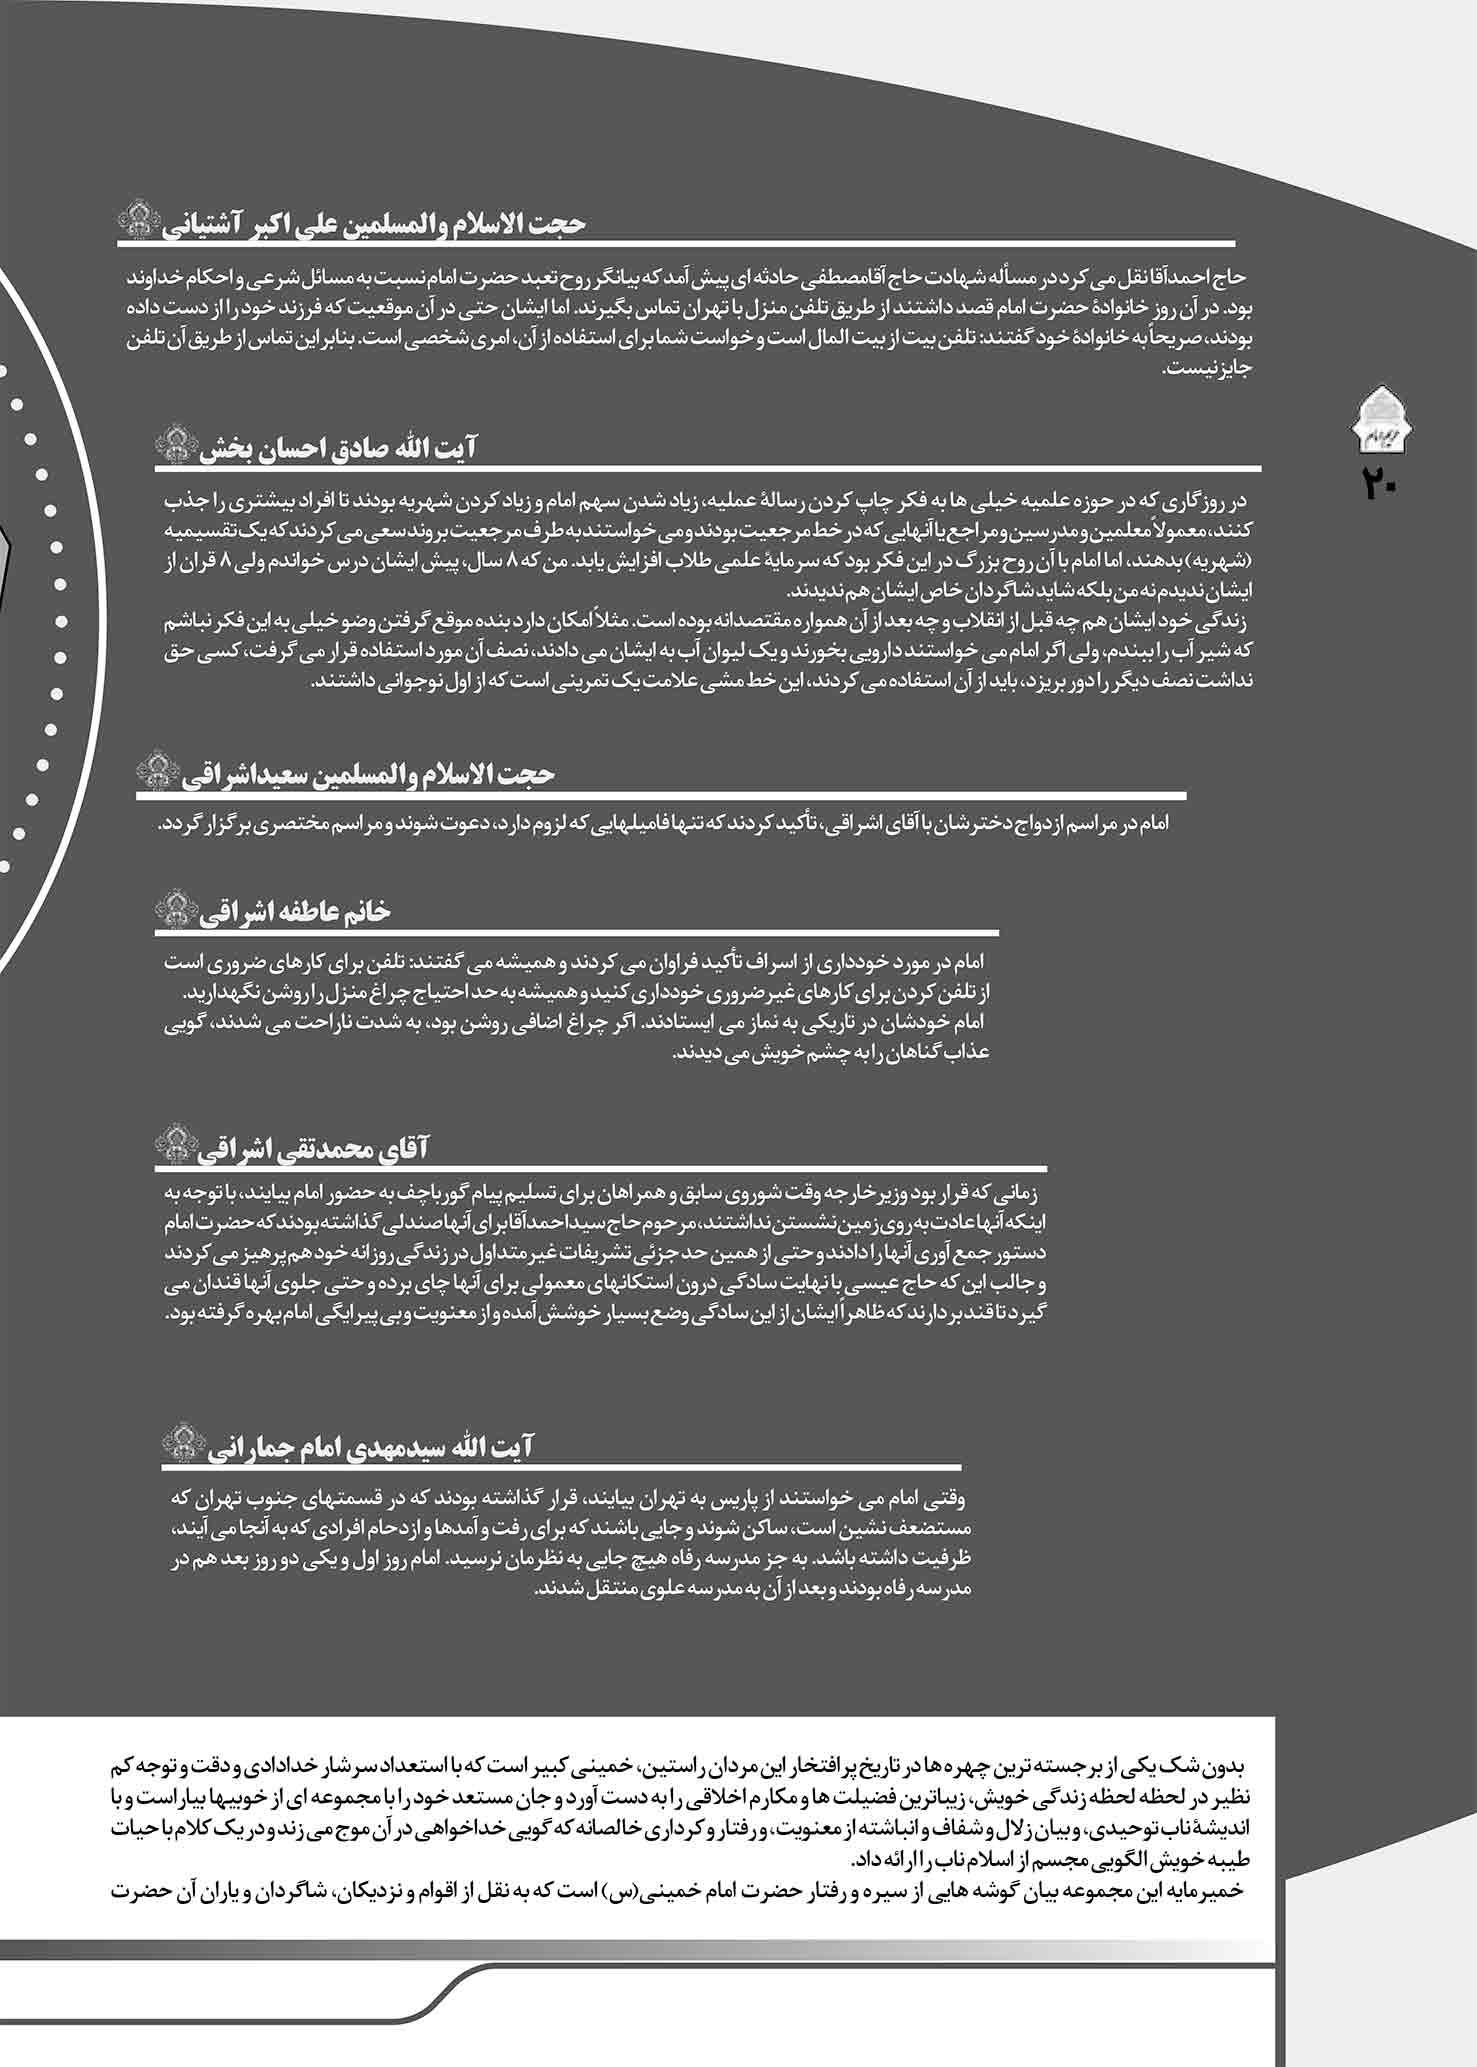 D:\خلوجینی\New folder\@harim_emam356-20.jpg